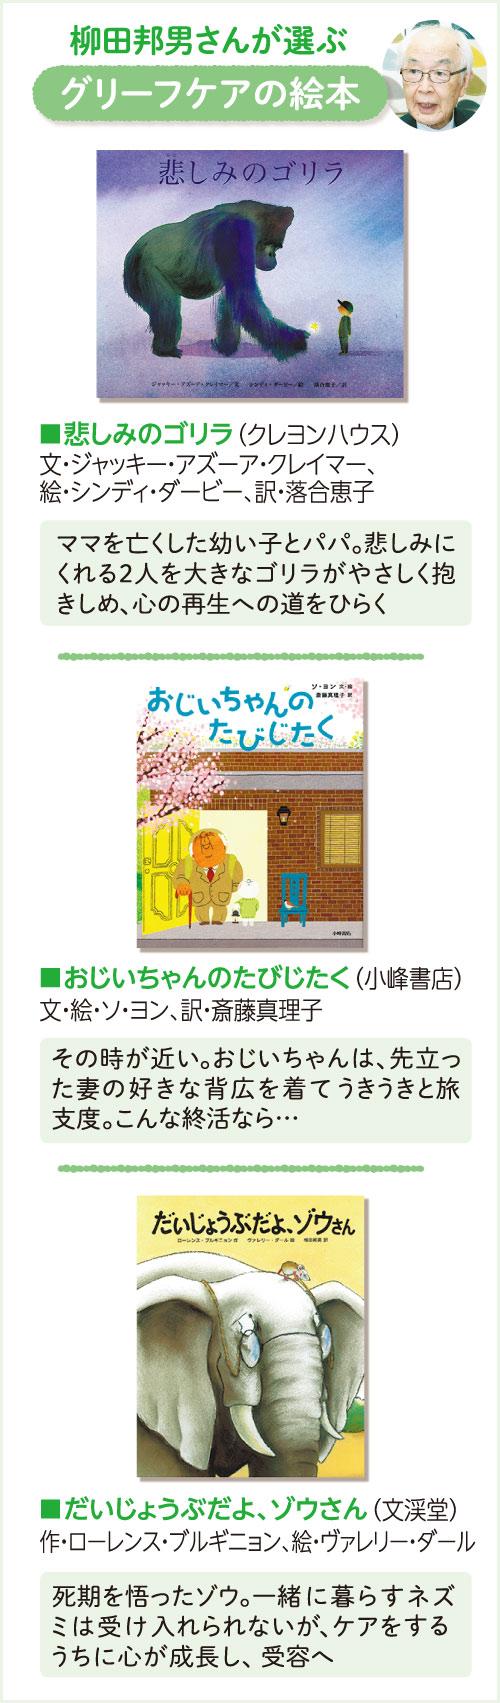 ノンフィクション作家・柳田邦男さんが選ぶグリーフケアの絵本 「悲しみのゴリラ」(クレヨンハウス)文・ジャッキー・アズーア・クレイマー、絵・シンディ・タービー、訳・落合惠子 ママを亡くした幼い子とパパ。悲しみにくれる2人を大きなゴリラがやさしく抱きしめ、心の再生への道をひらく 「おじいちゃんのたびじたく」(小峰書店)文・絵 ソ・ヨン、訳 斎藤真理子 その時が近い。おじいちゃんは、先立った妻の好きな背広を着てうきうきと旅支度。こんな終活なら… 「だいじょうぶだよ、ゾウさん」(文溪堂)作・ローレンス・ブルギニョン、絵・ヴァレリー・ダール 死期を悟ったゾウ。一緒に暮らすネズミは受け入れられないが、ケアをするうちに心が成長し、受容へ